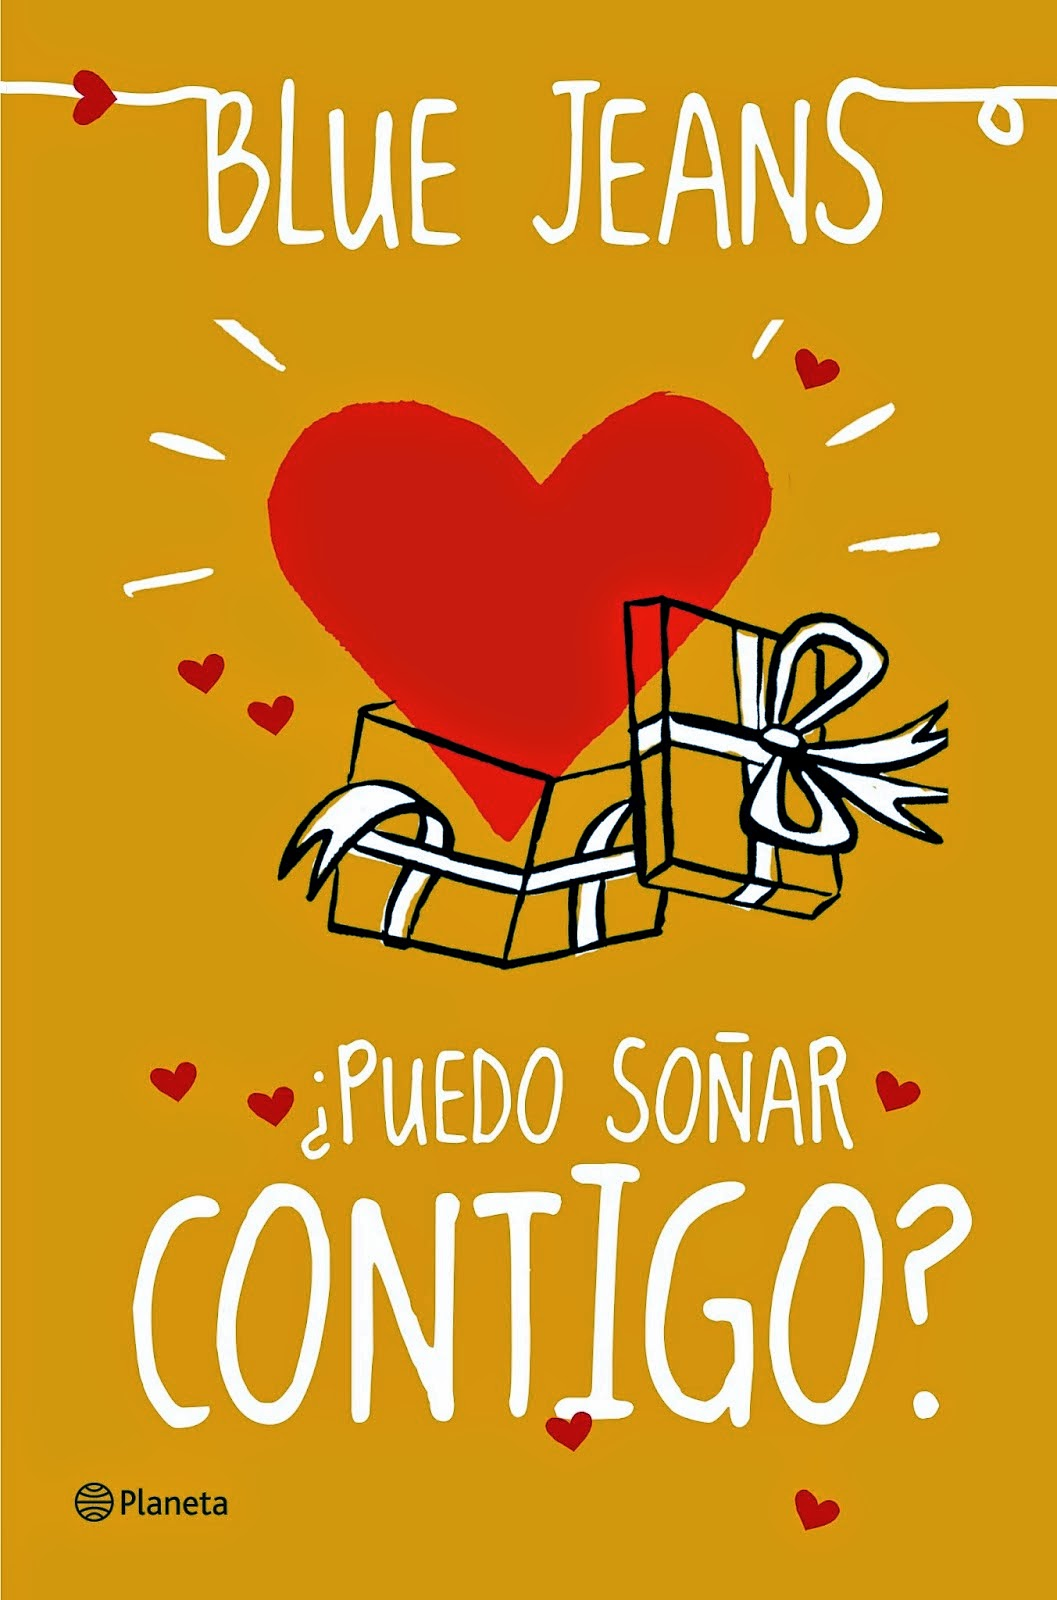 http://linteresantes.blogspot.com.es/2014/04/resena-puedo-sonar-contigo.html